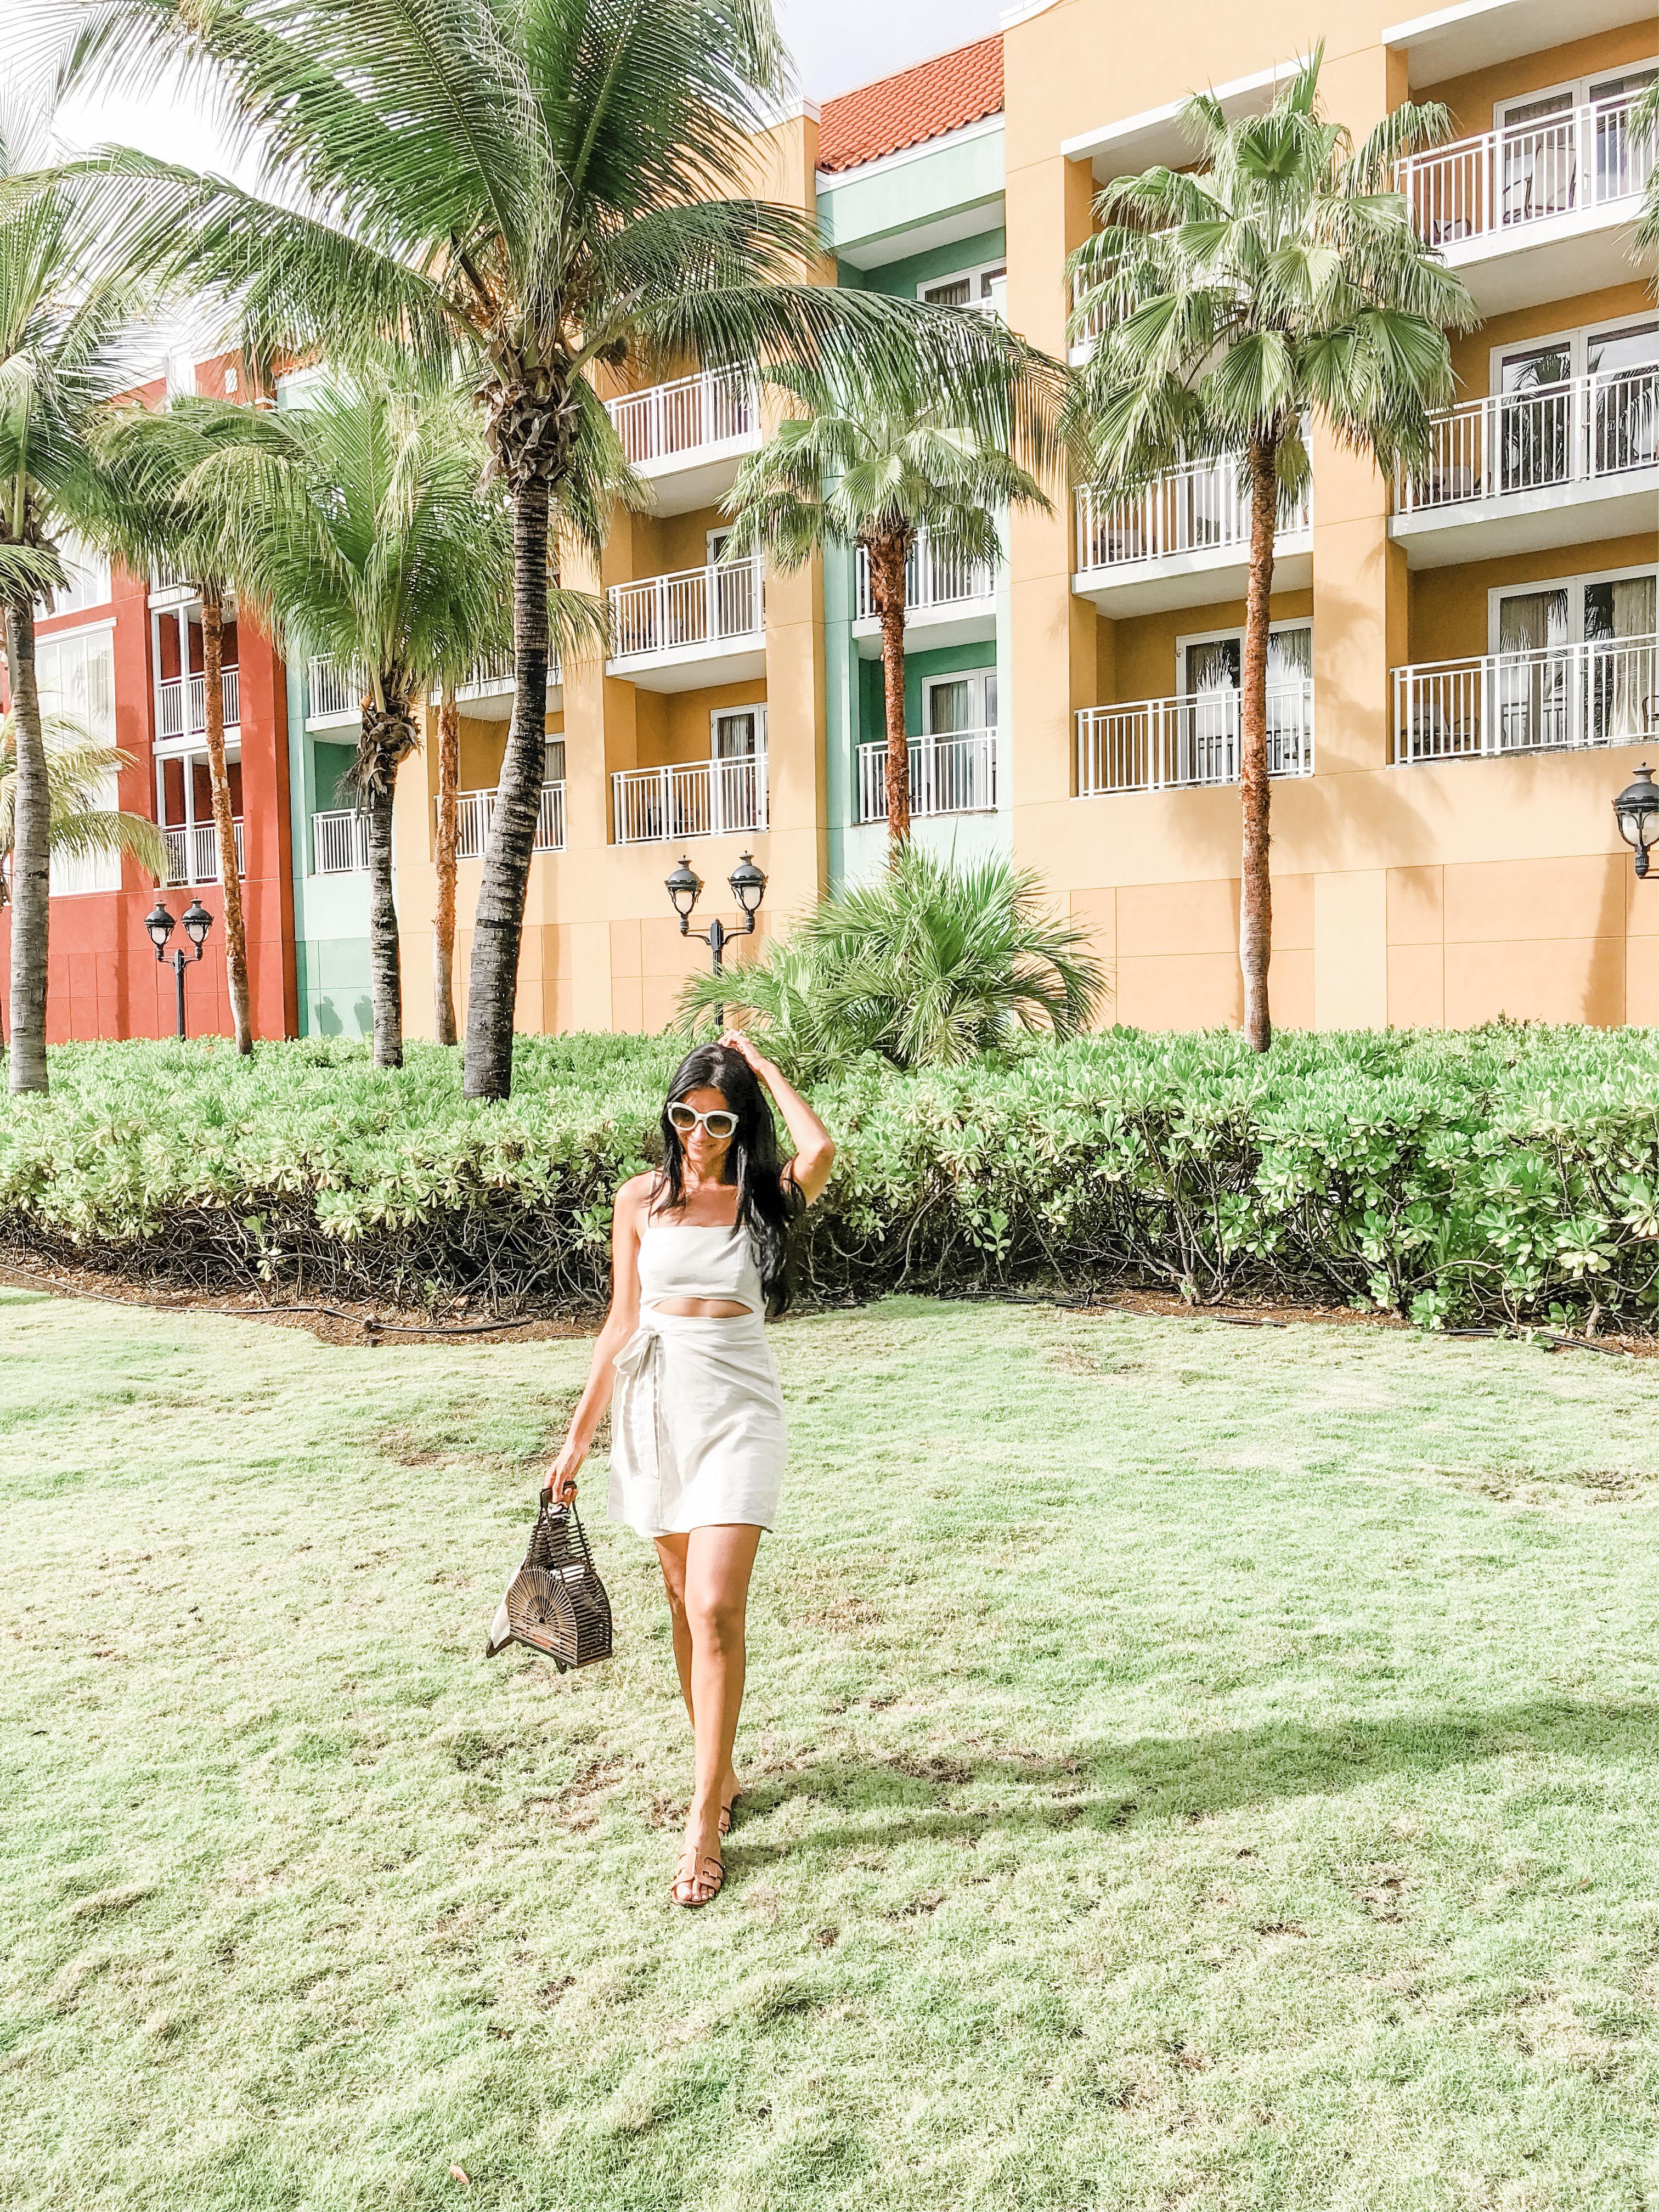 Most Instagramable Things to Do and See in Curaçao | Las Cosas más Instagrameables para hacer y ver en Curazao.